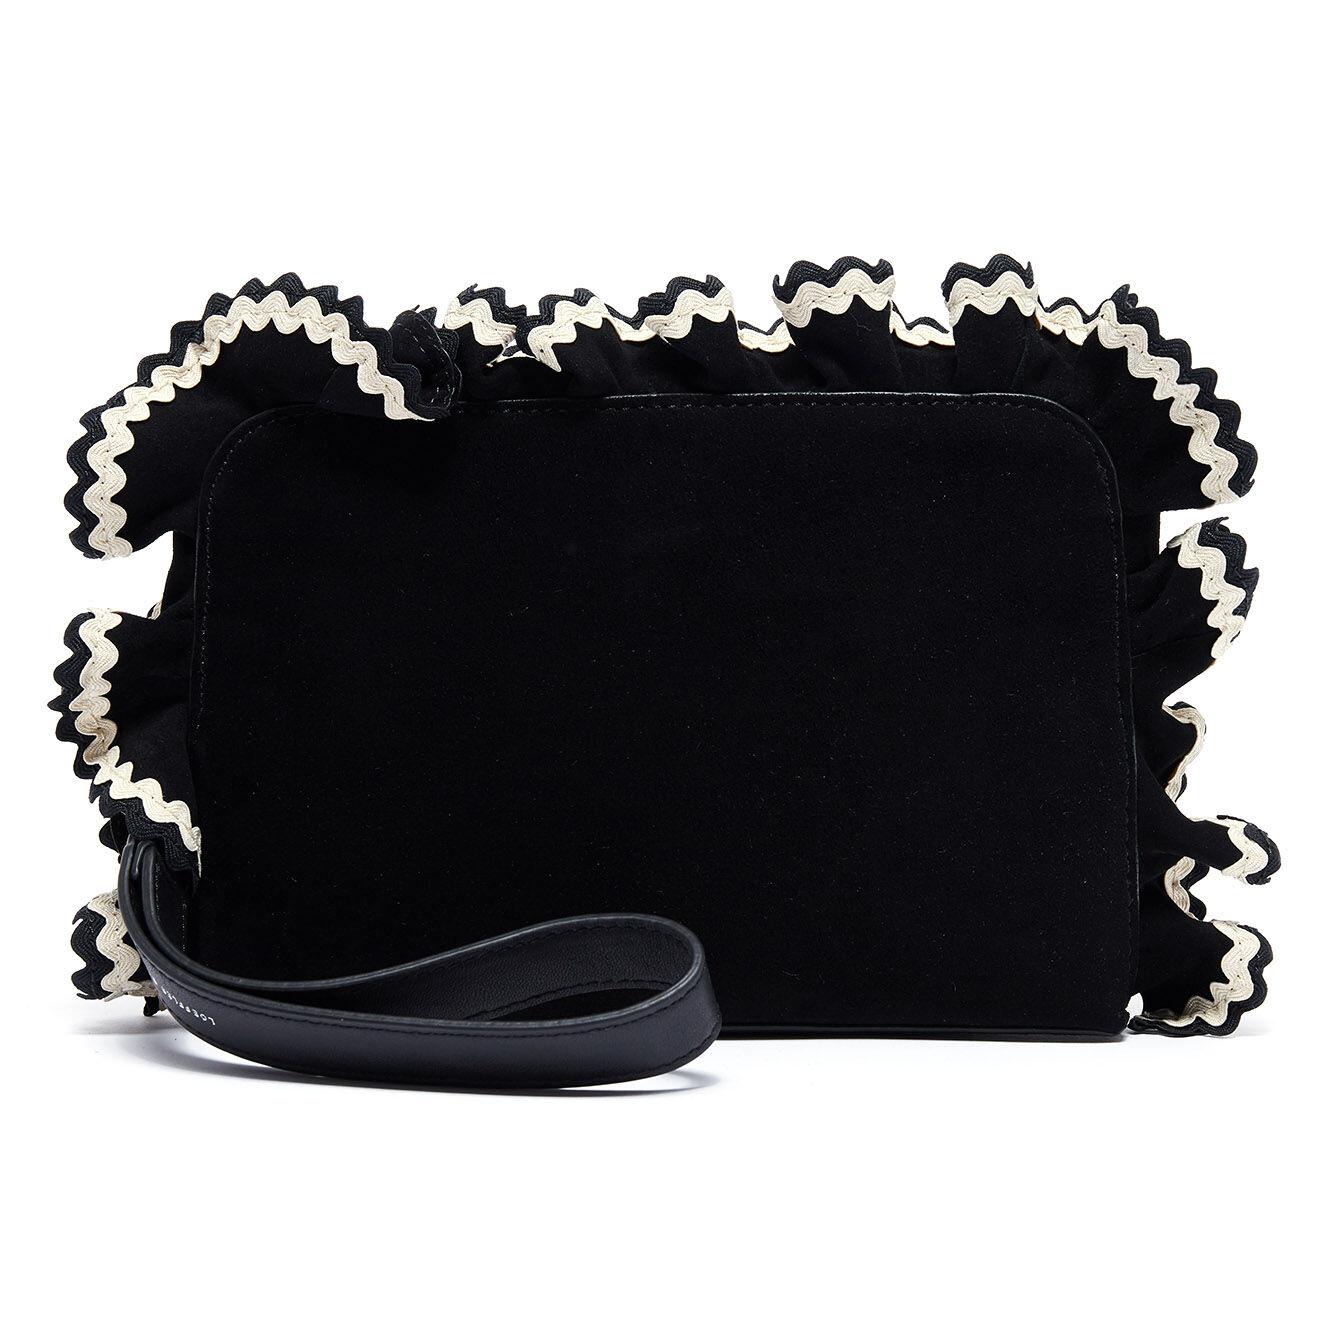 Pochette en Velours de cuir noire - 27.5x17x3.5 cm